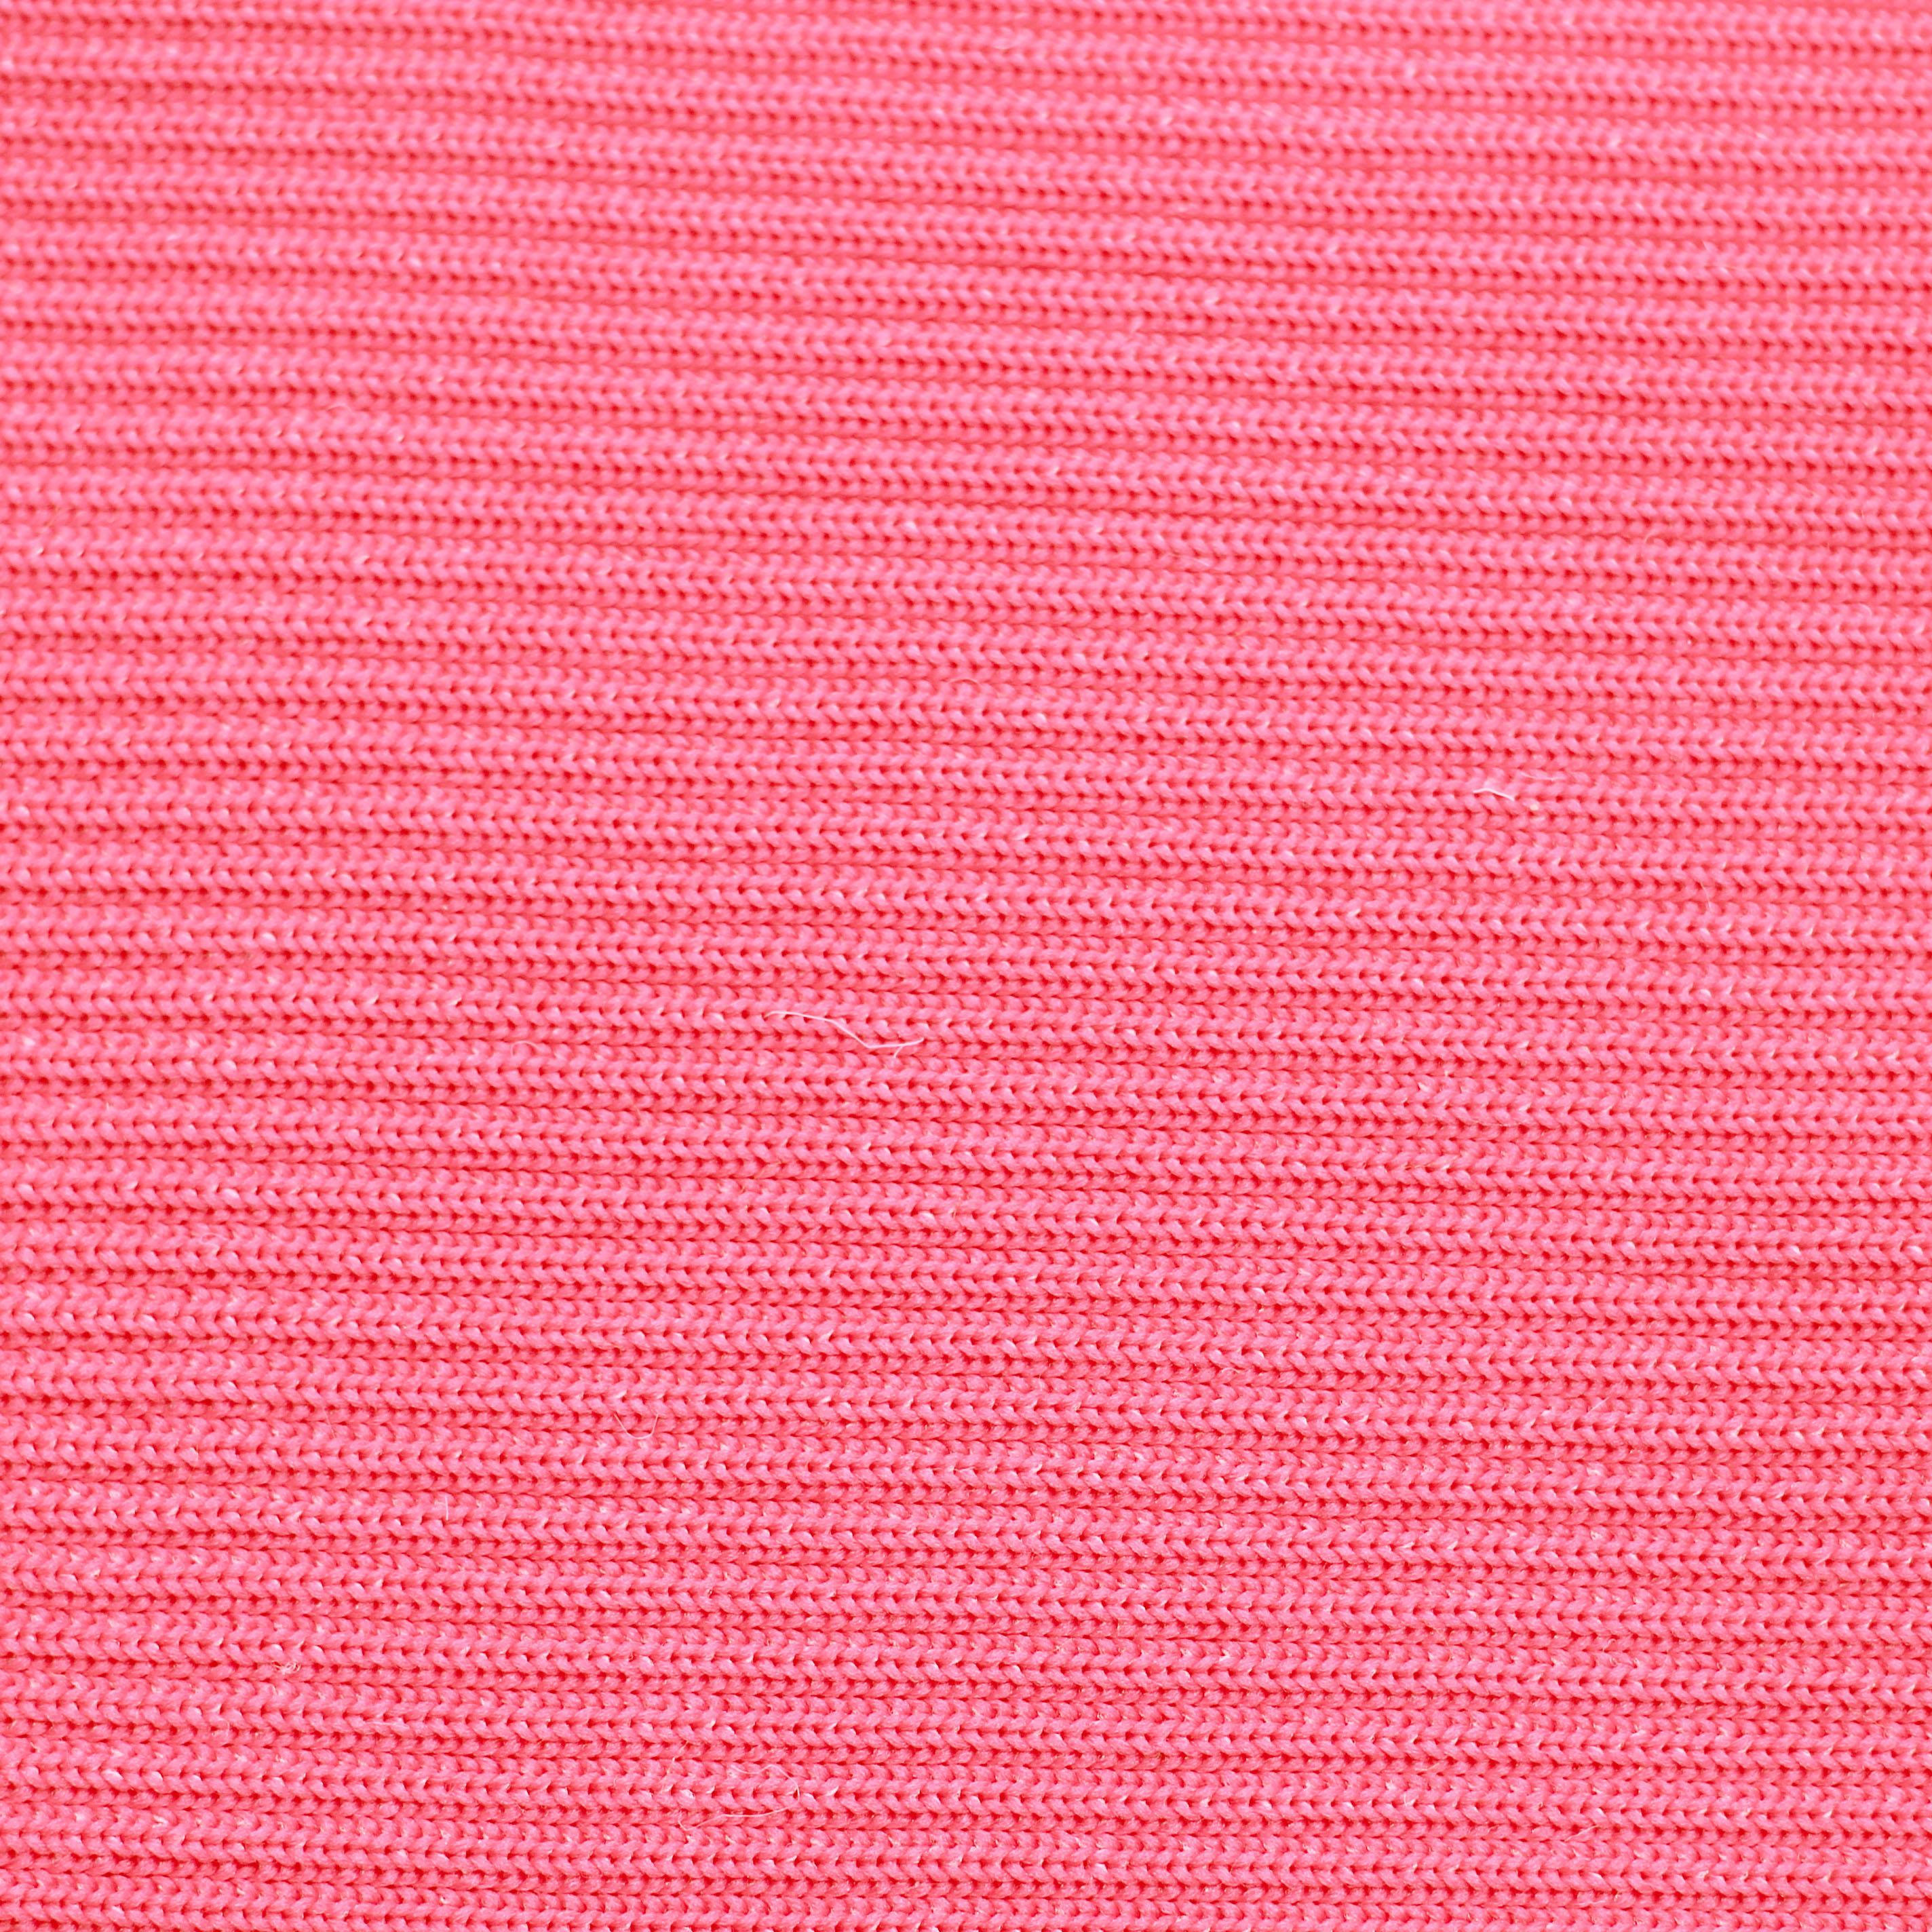 Náplet 95%PES 5%elastan 70x16cm 1ks/záv.sáček 3405 sv. růžová (cena / kus)